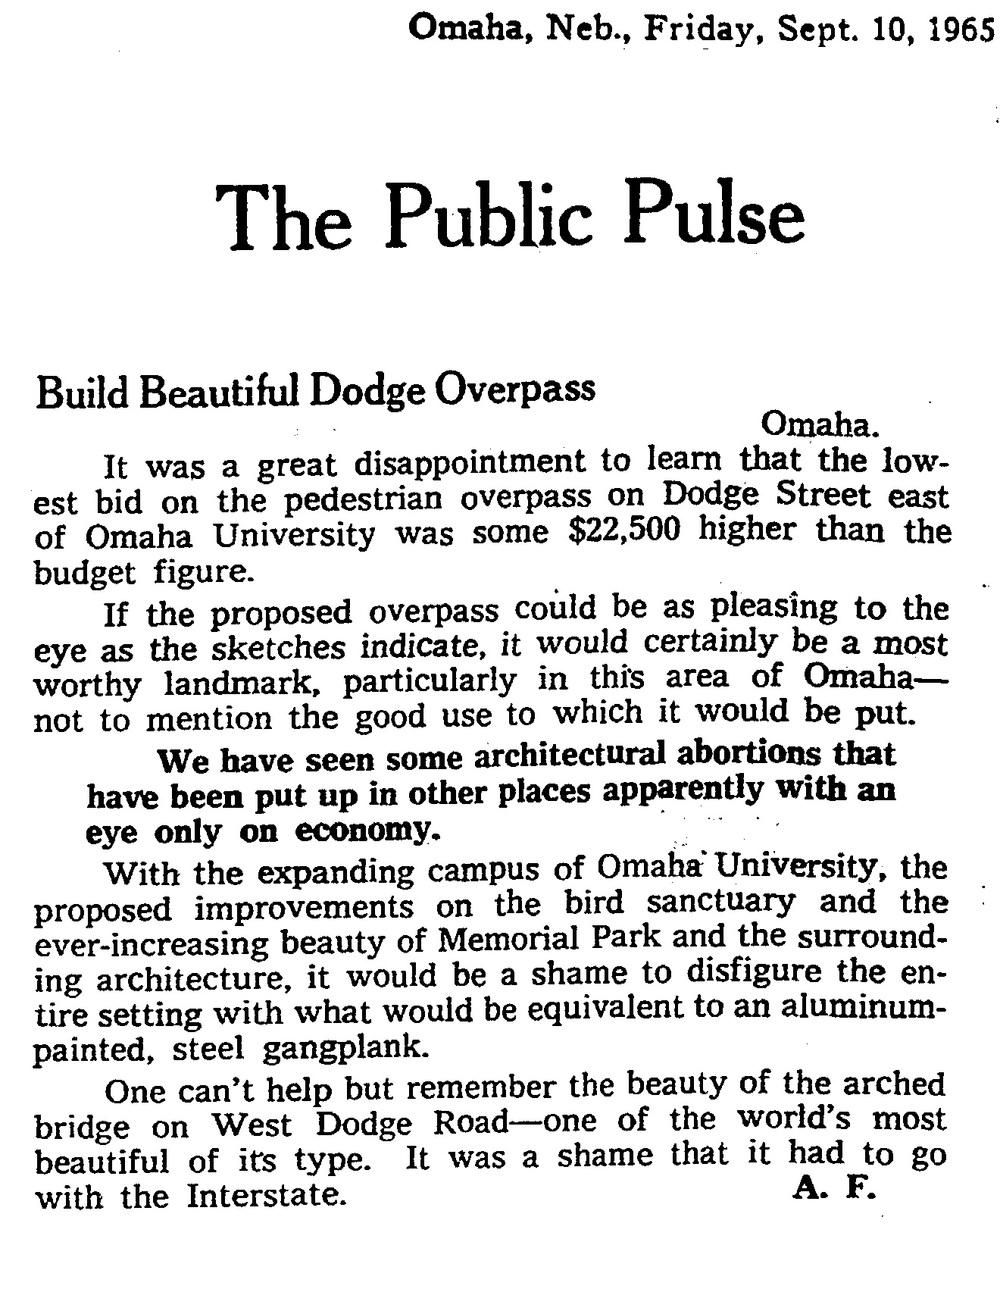 OWH Sep 10 1965.jpg